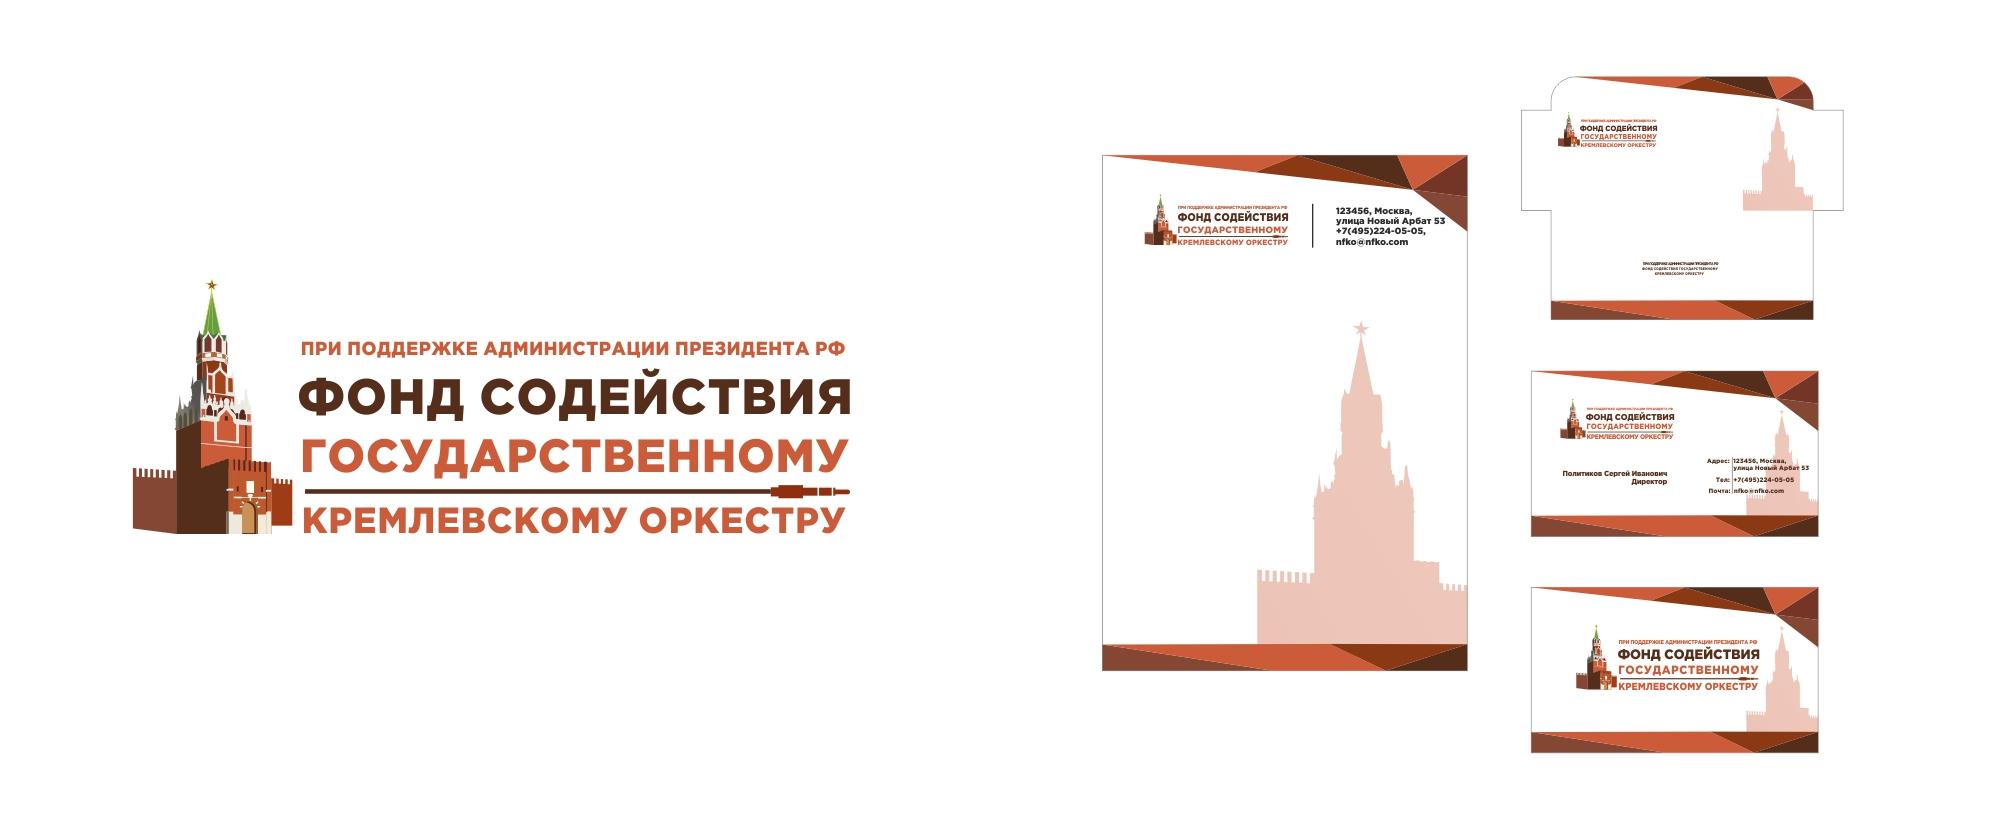 Фонд содействия государственному кремлевскому оркестру